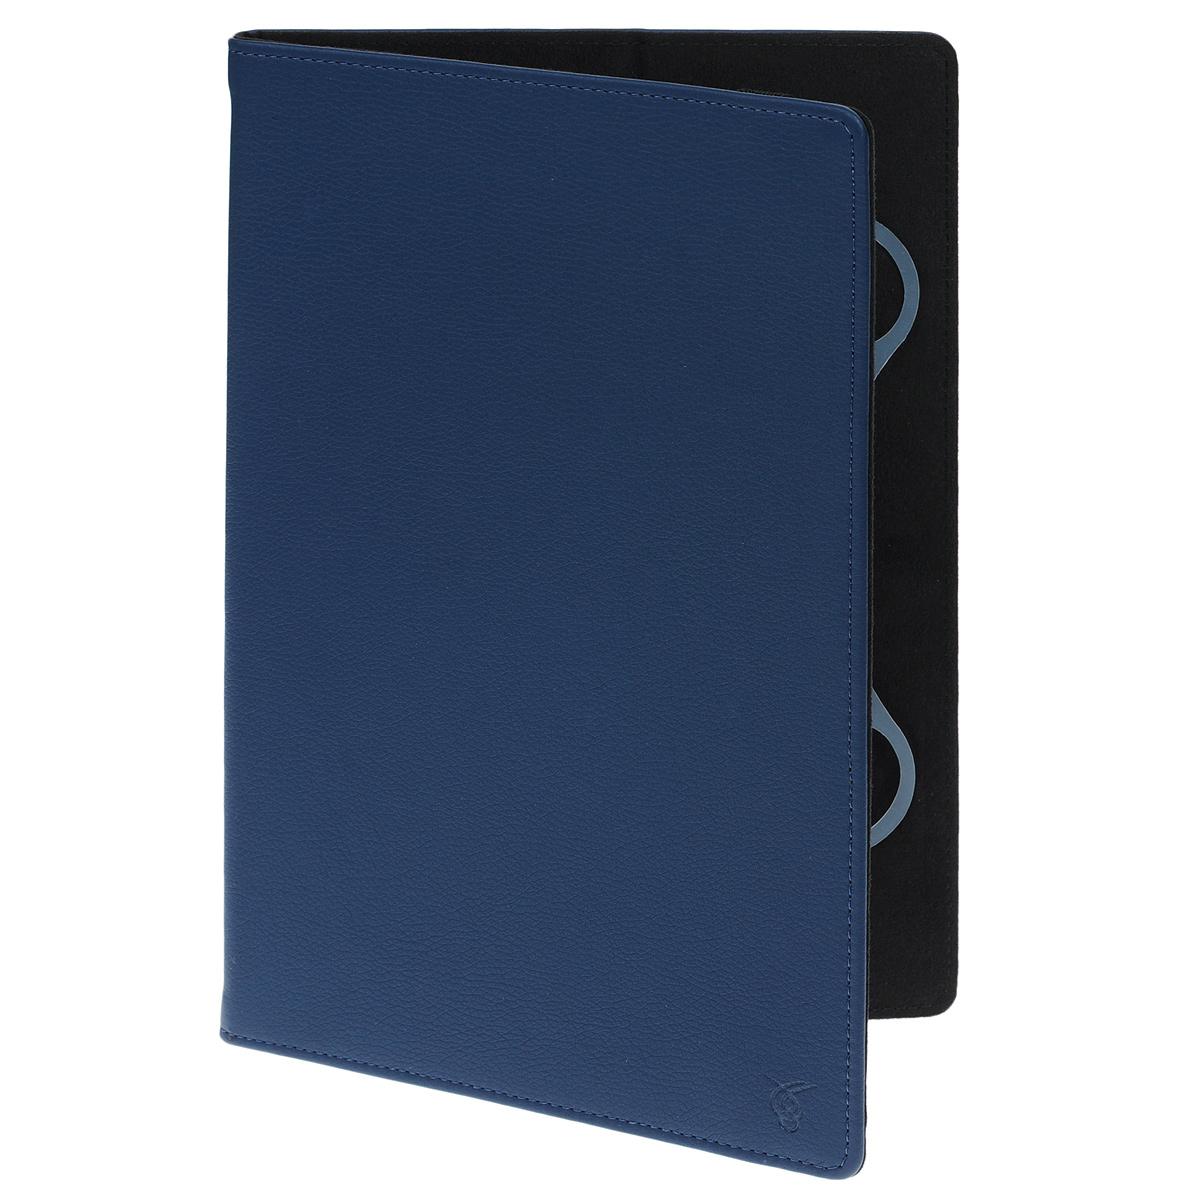 Vivacase Basic универсальный чехол-обложка для планшетов 11, Blue (VUC-CM011-blue) чехлы для планшетов 10 дюймов украина